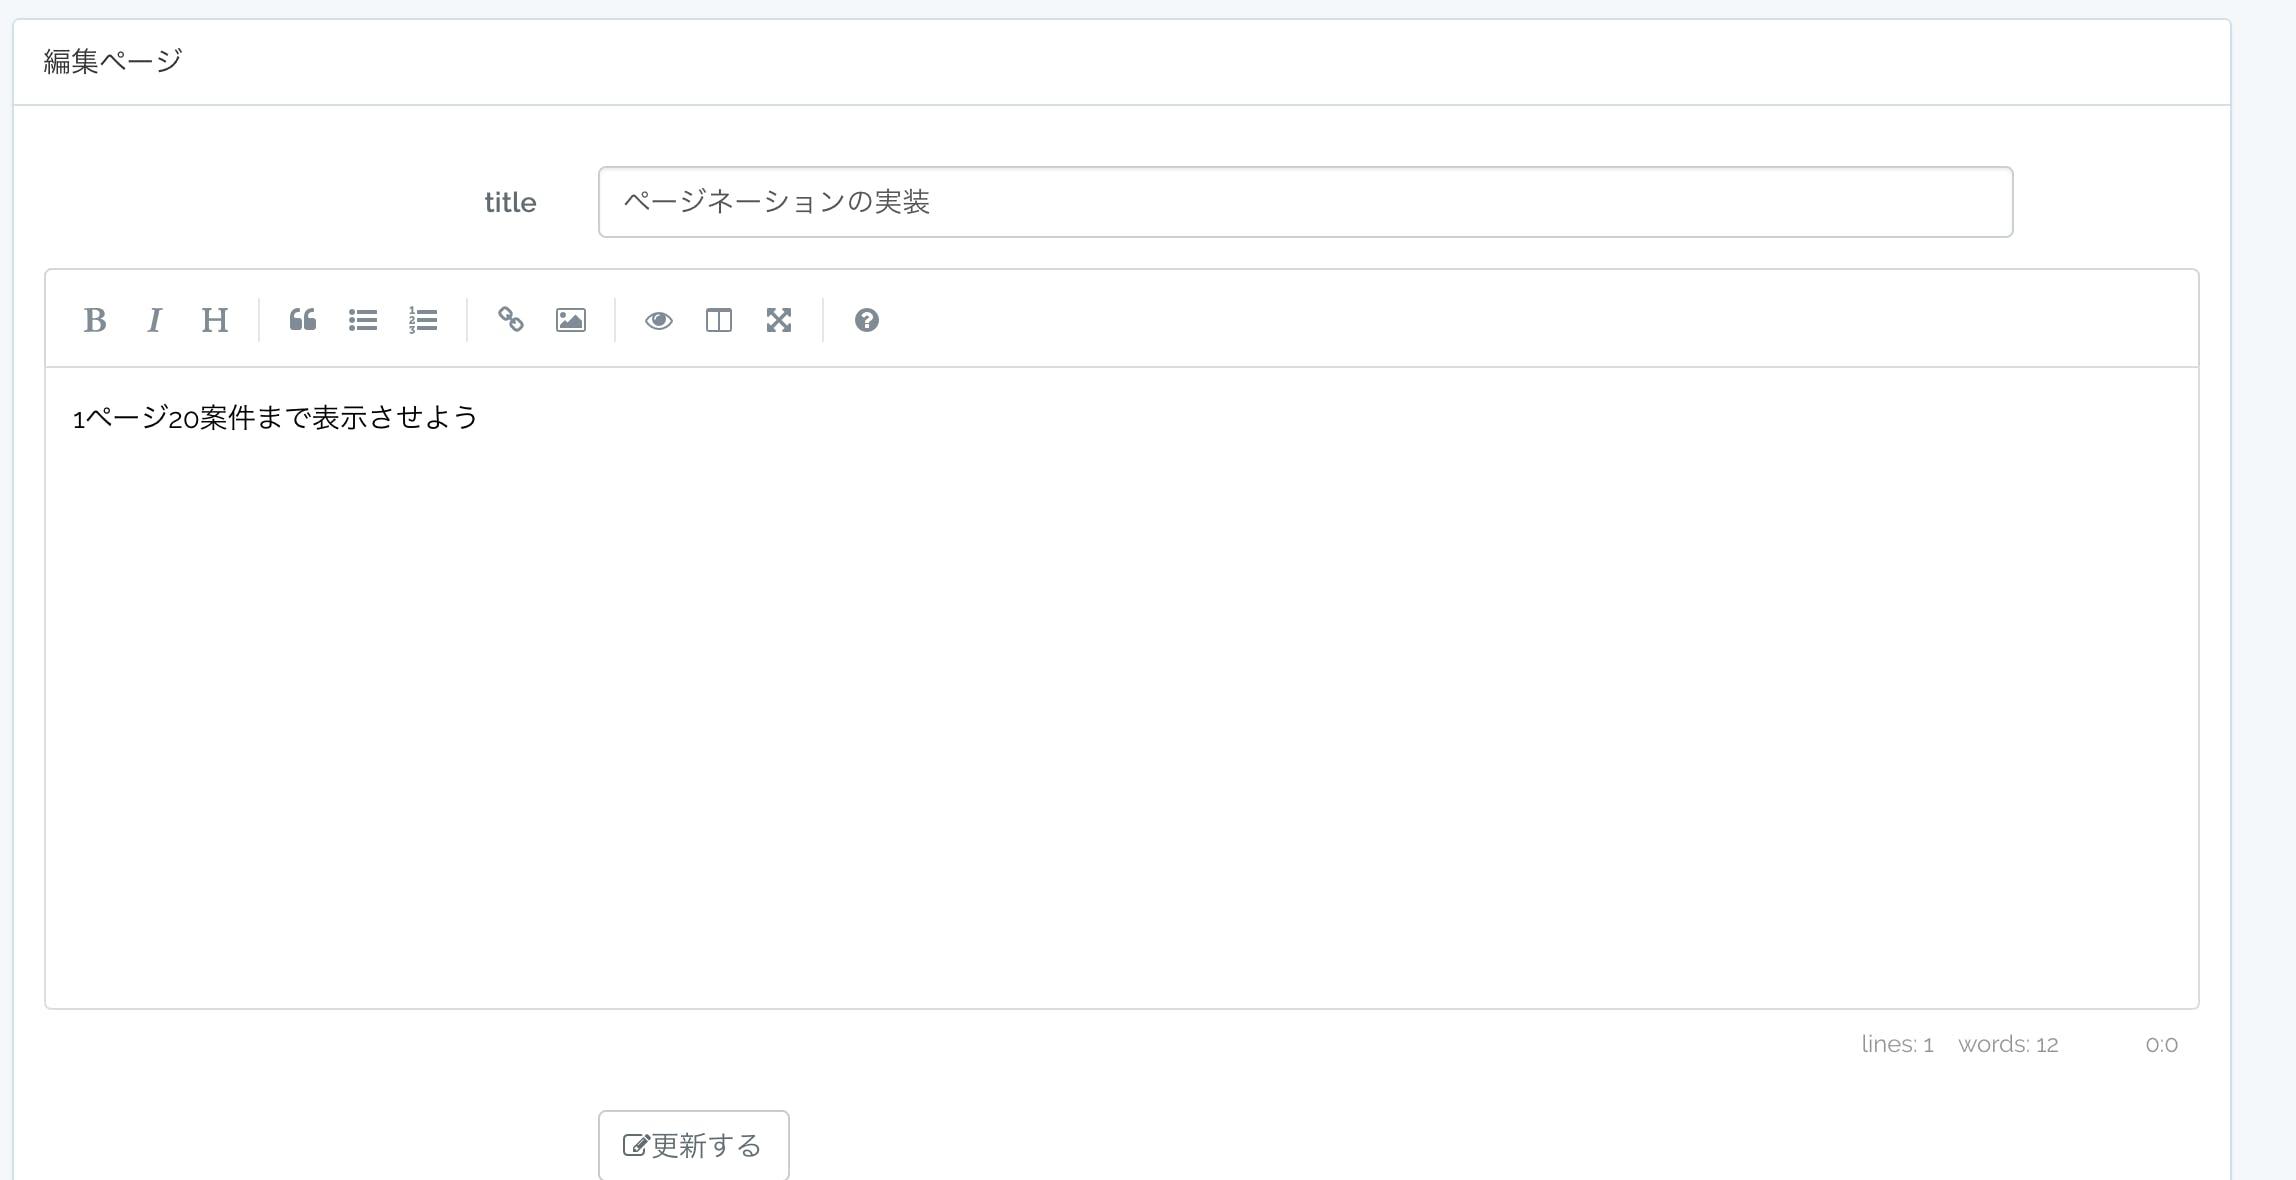 スクリーンショット 2018-11-02 0.32.54.png